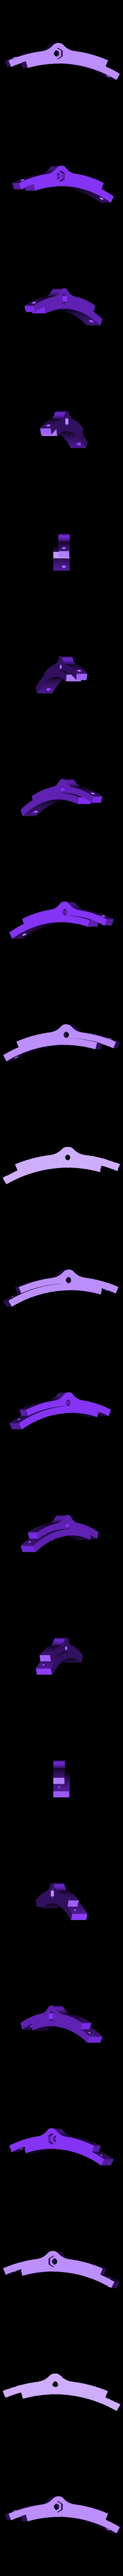 rim_ver2.stl Télécharger fichier STL gratuit Tambour électronique de 10 pouces avec petite imprimante 3d • Modèle pour imprimante 3D, RyoKosaka